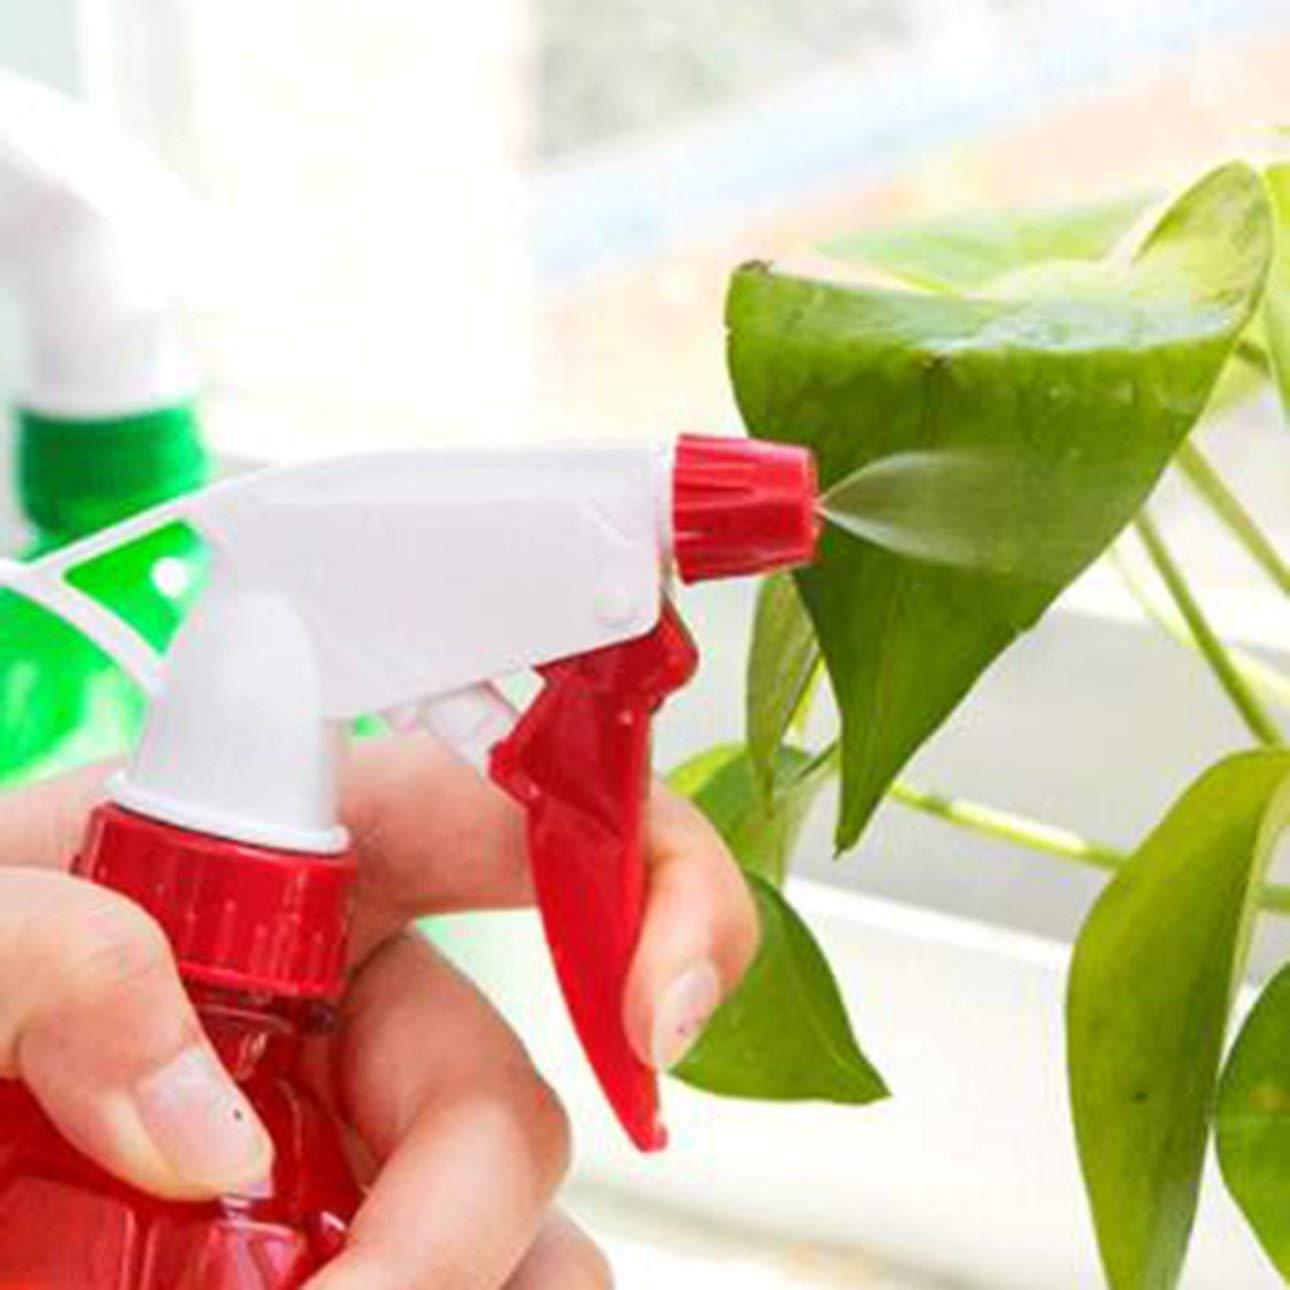 Caramelle Pudincoco Mensa Irrigazione Bollitore Annaffiatoio Bottiglia a Pressione a spruzzo Bottiglia Carne Spray Attrezzi da Giardino Irrigazione Fiori Famiglia